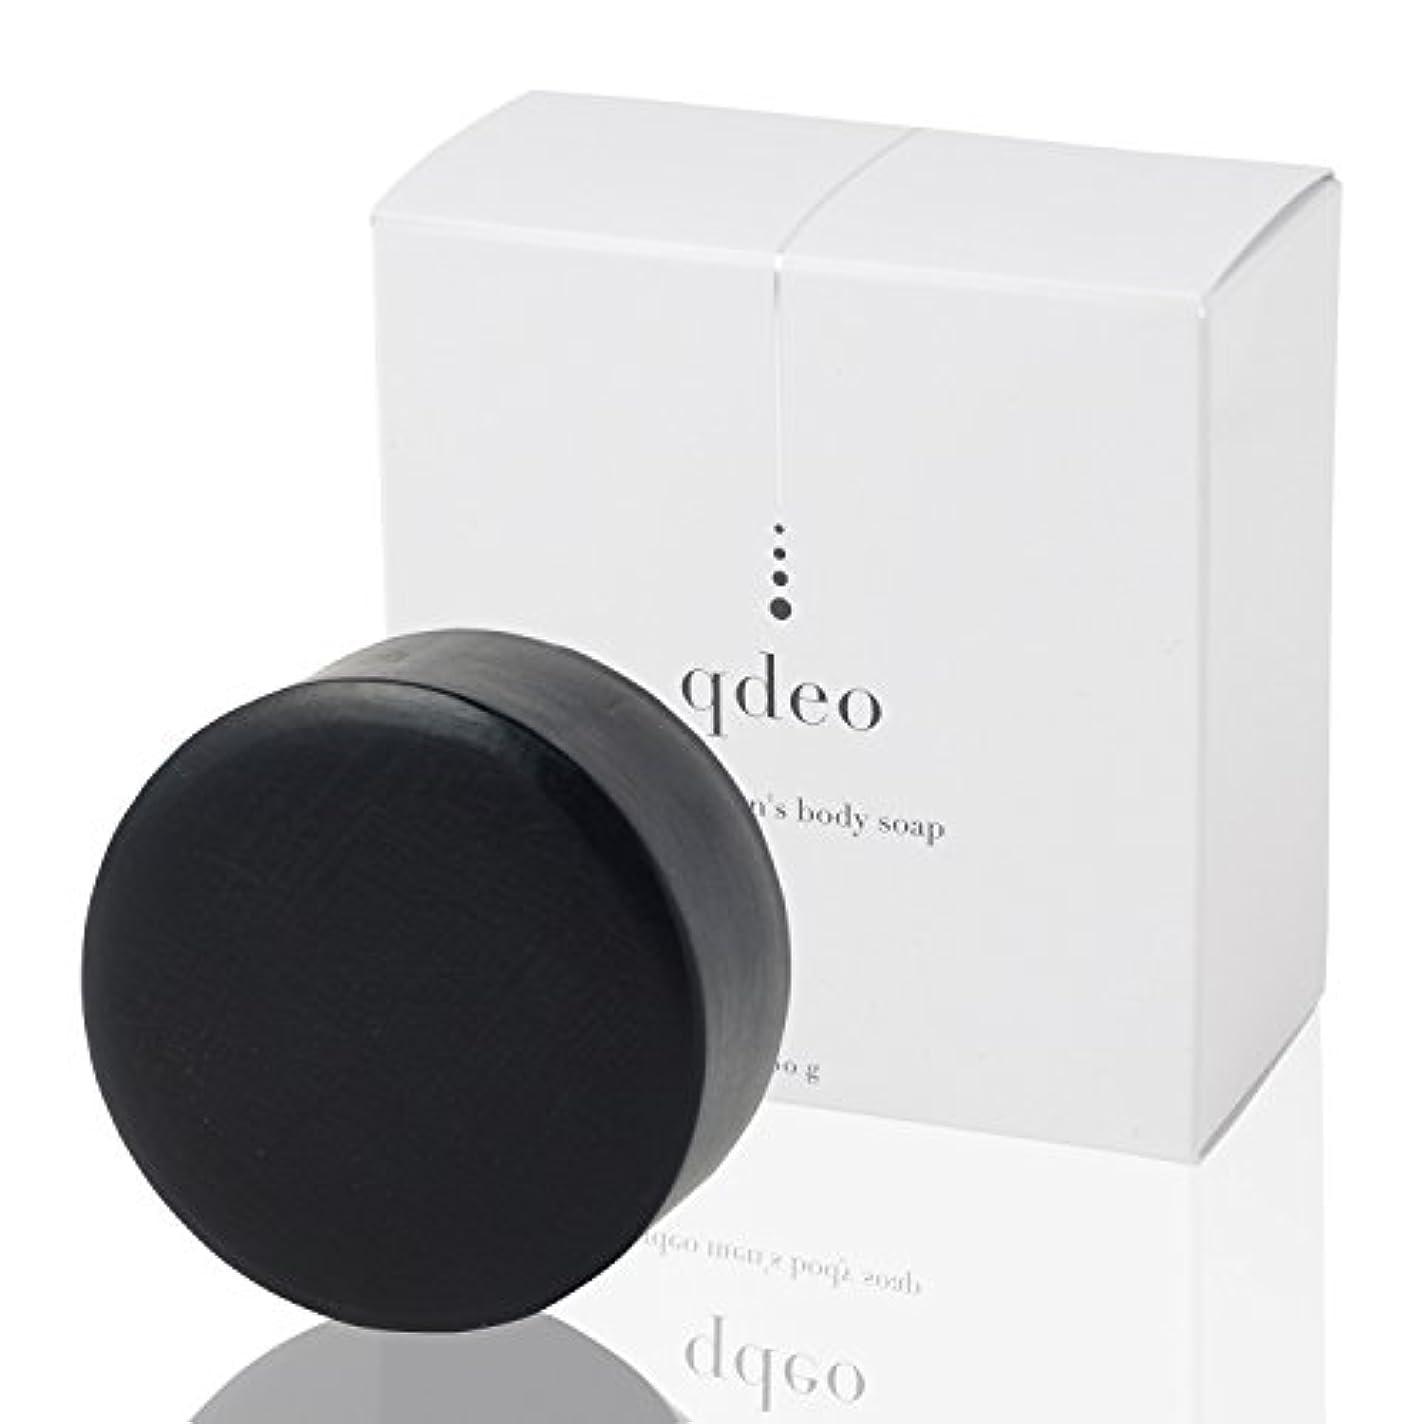 コマース公然とイタリッククデオ メンズ ボディソープ 100g 石鹸 固形 体臭 ワキガ 足の臭い 加齢臭 デリケートゾーン